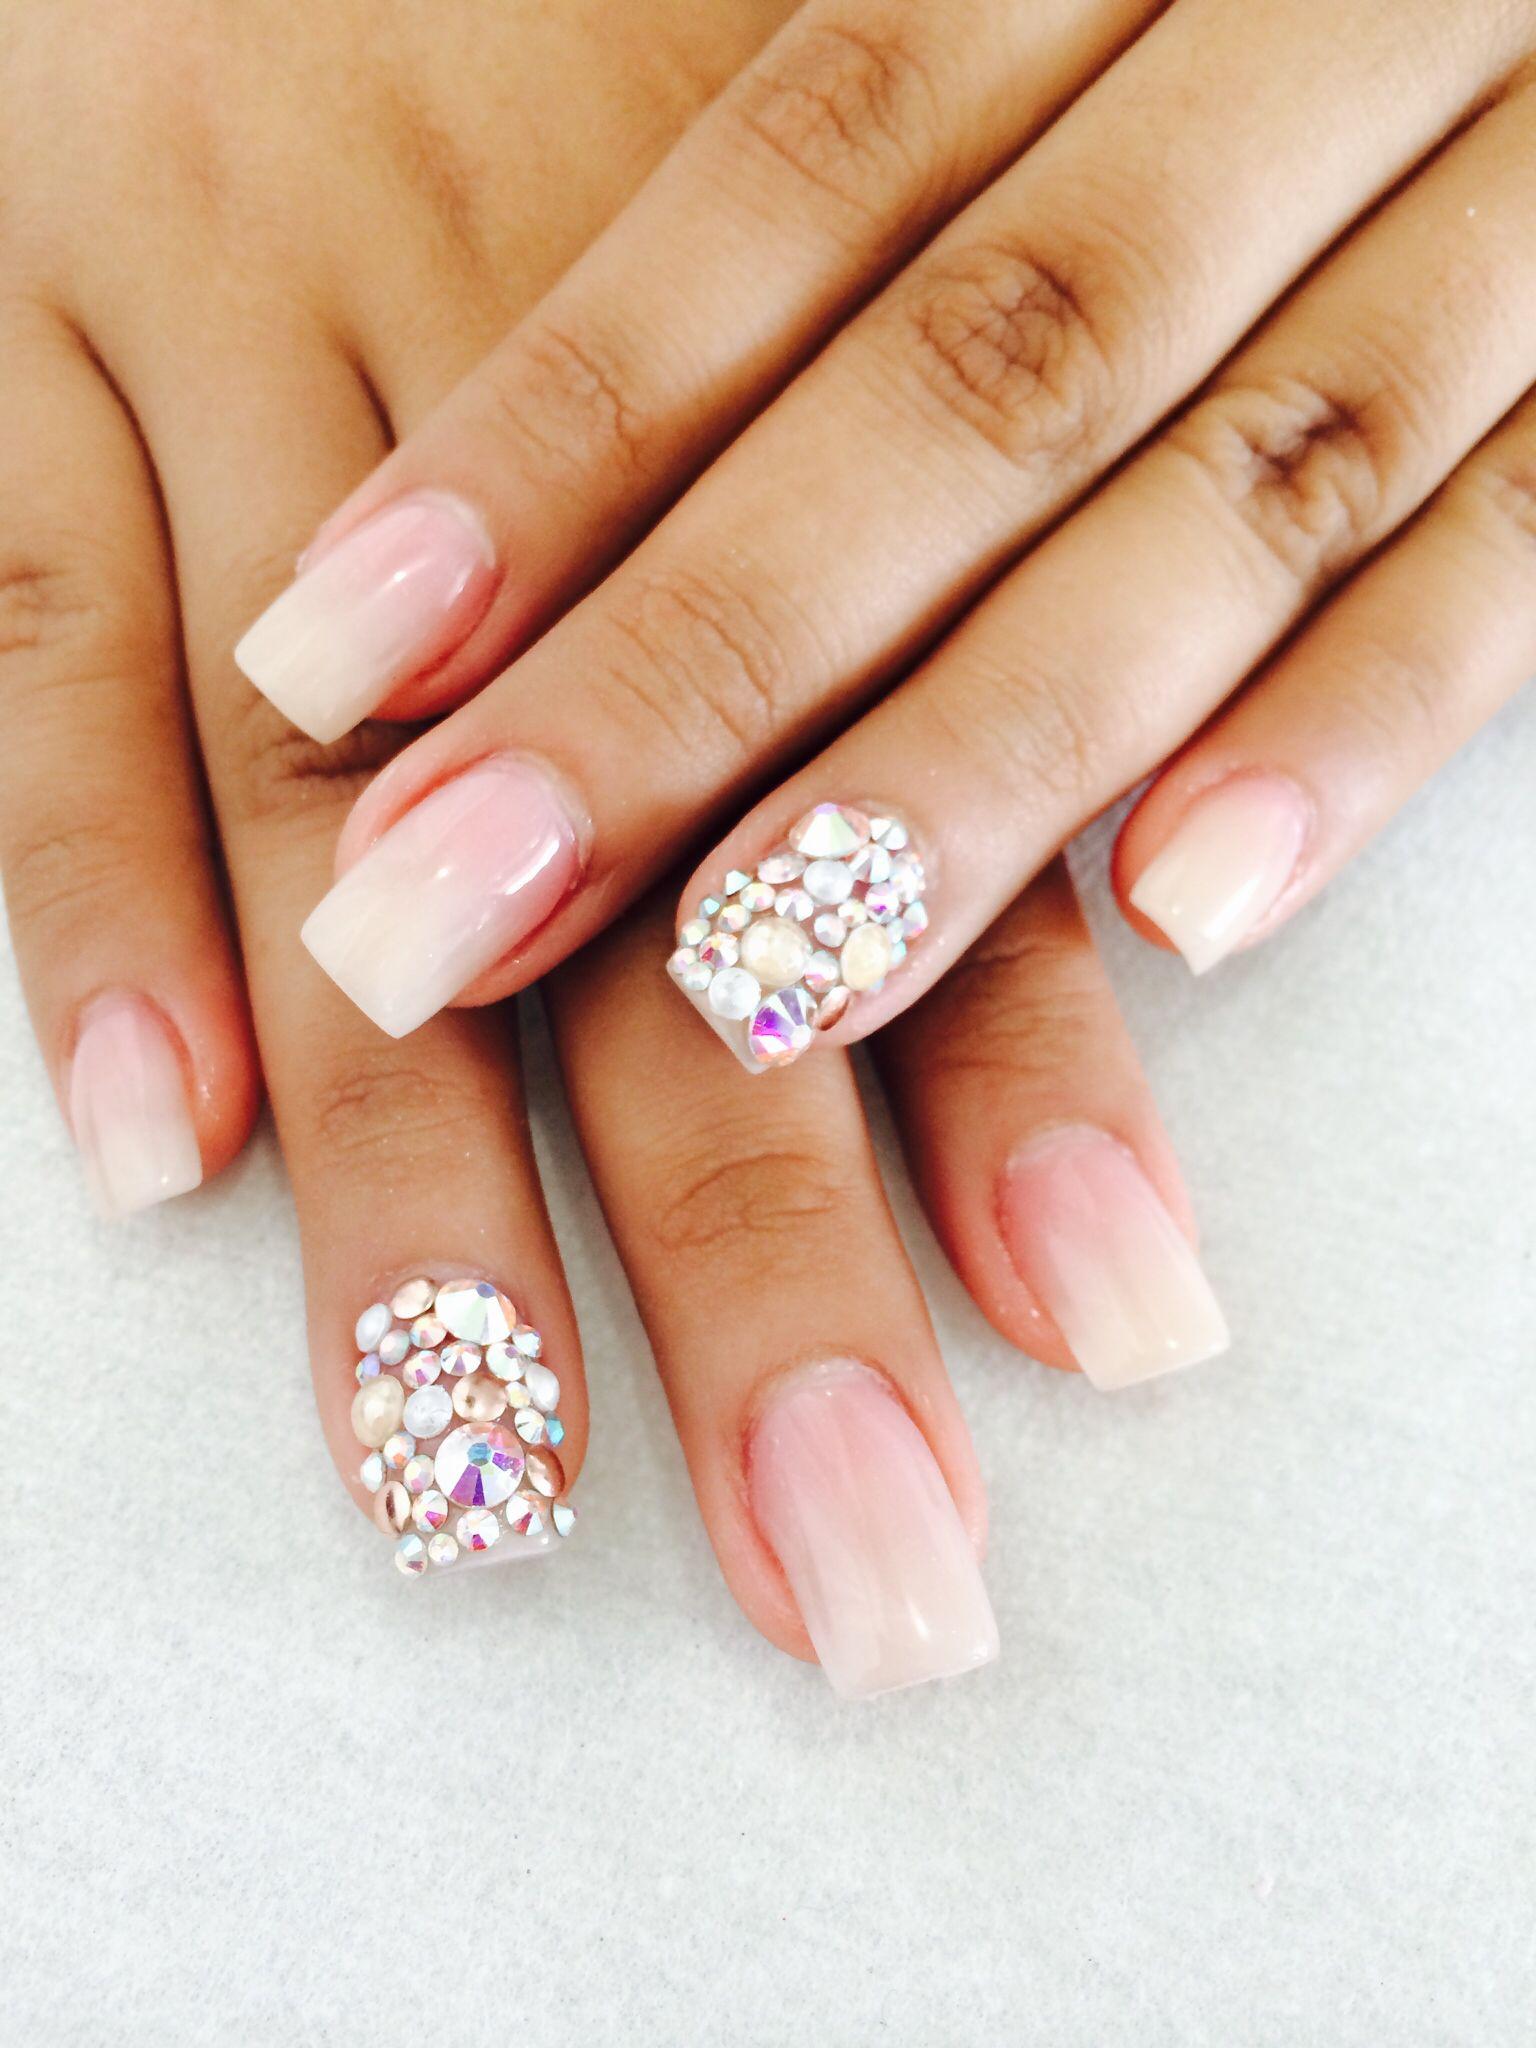 Piedras con perlas nails pretty nails nails y for Unas con piedras swarovski